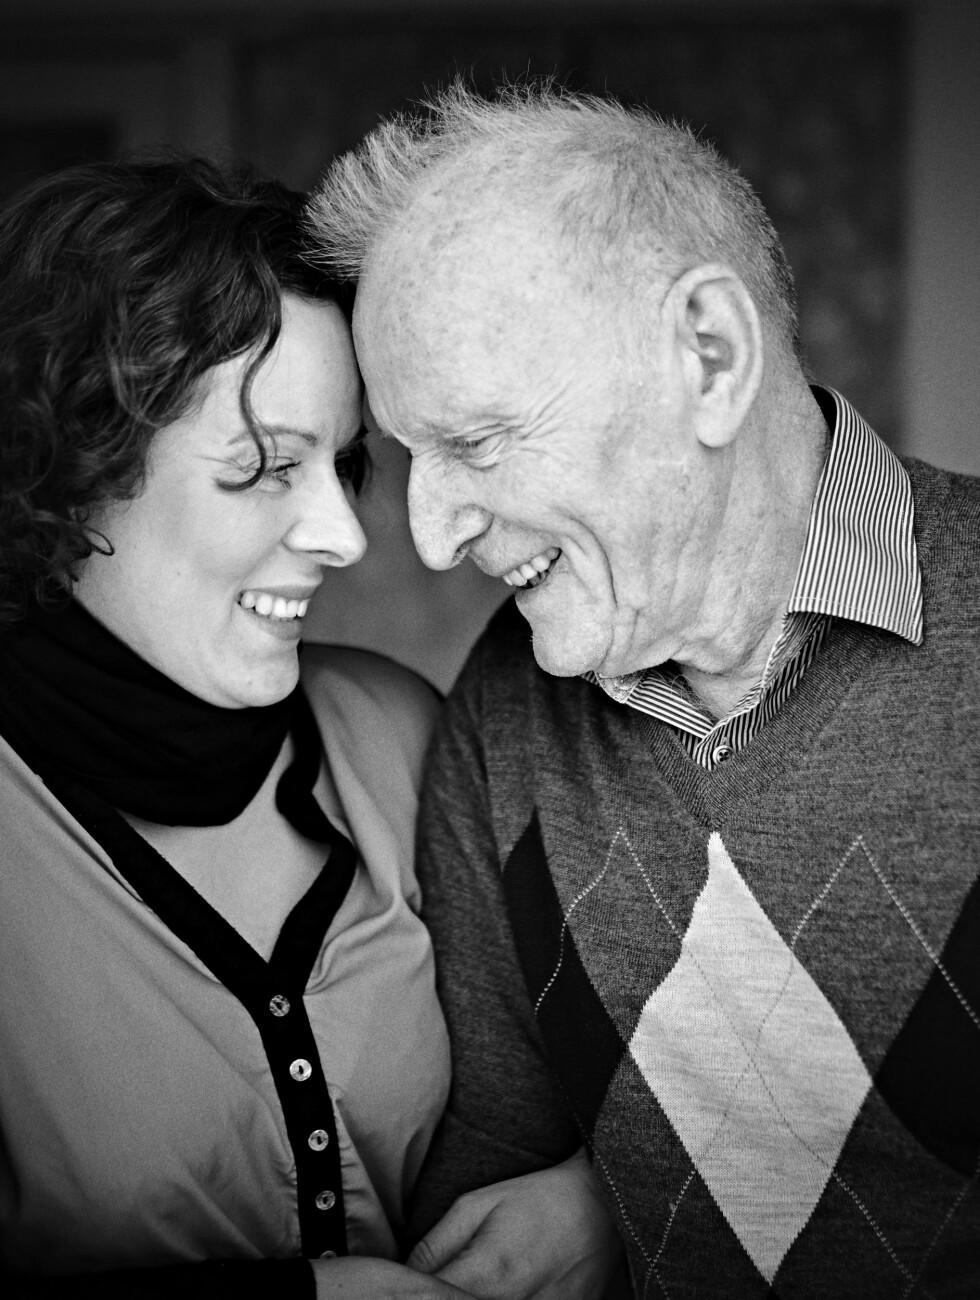 FORTSATT GODE ØYEBLIKK: Far og datter opplever fortsatt gode og nære øyeblikk sammen, selv om Gjert ikke er den samme som før. Foto: Foto: Geir Dokken